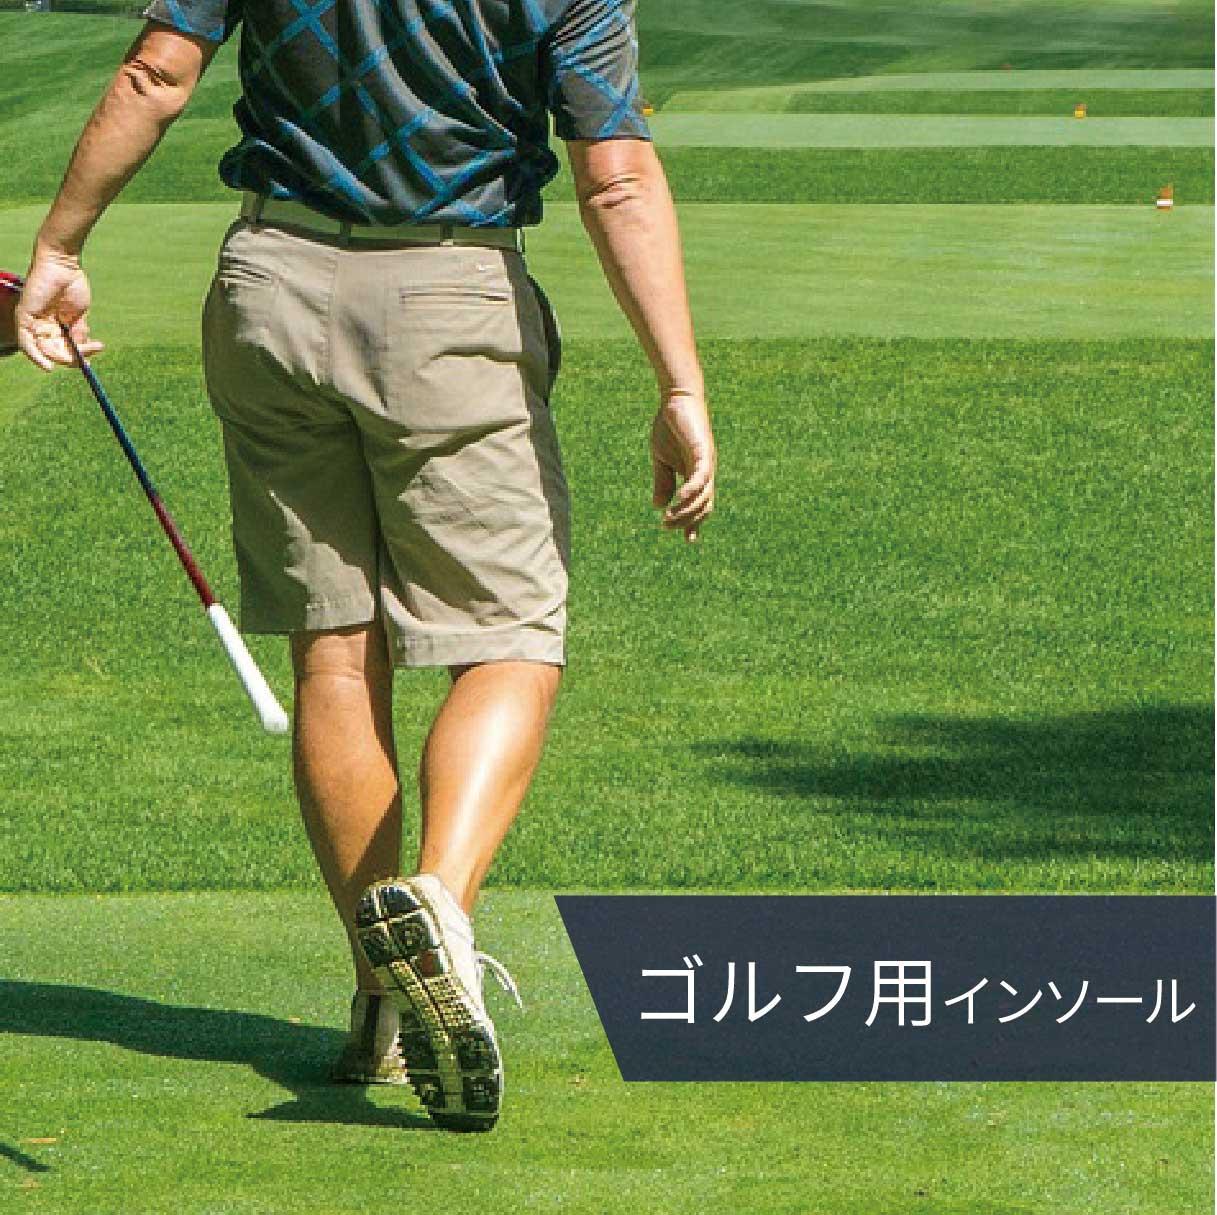 ゴルフ用インソール